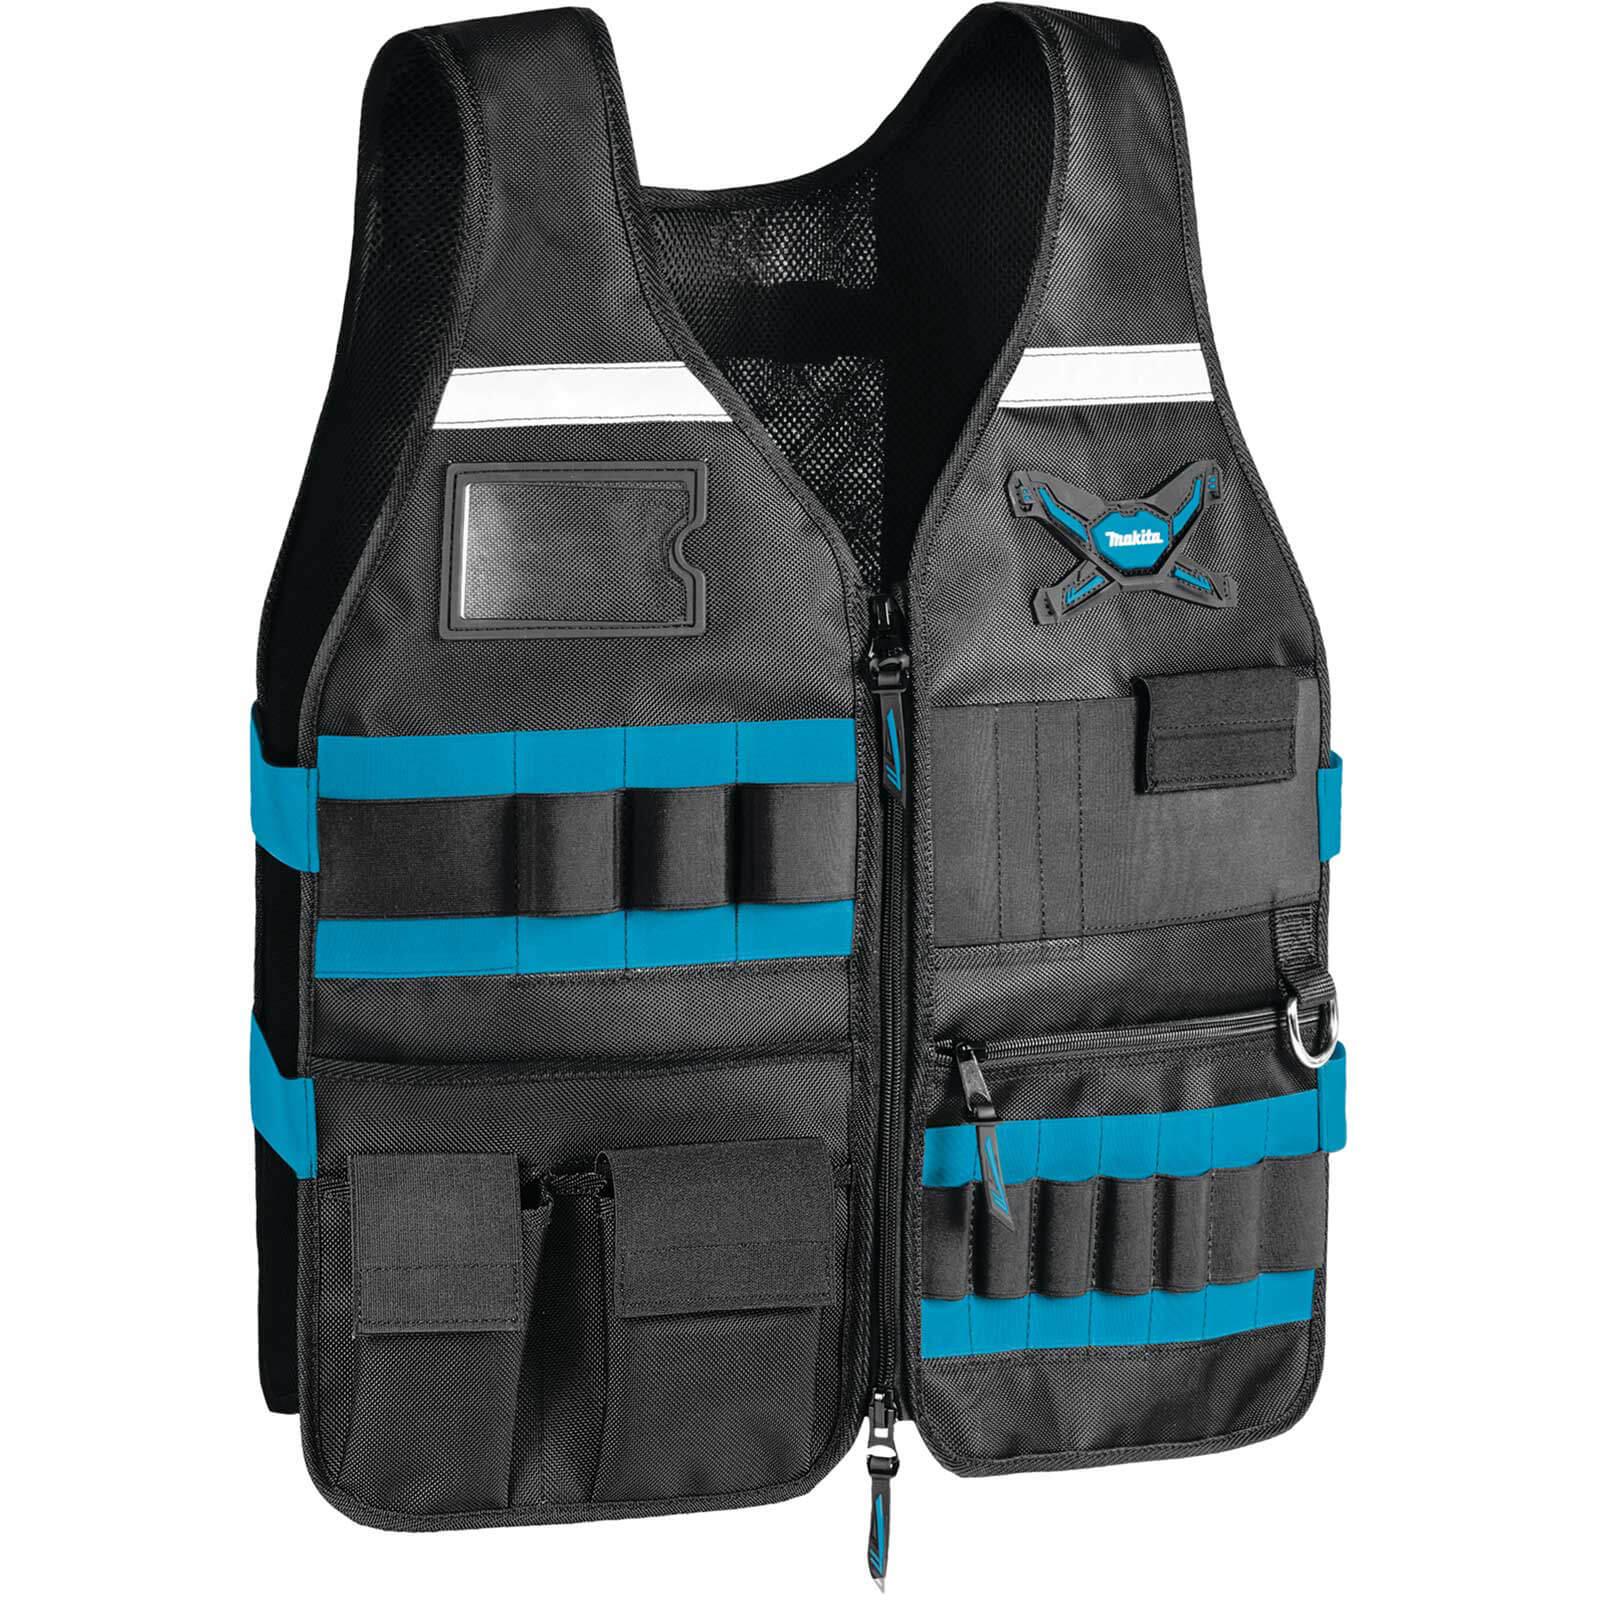 Makita Work Vest - Adjustable Pockets